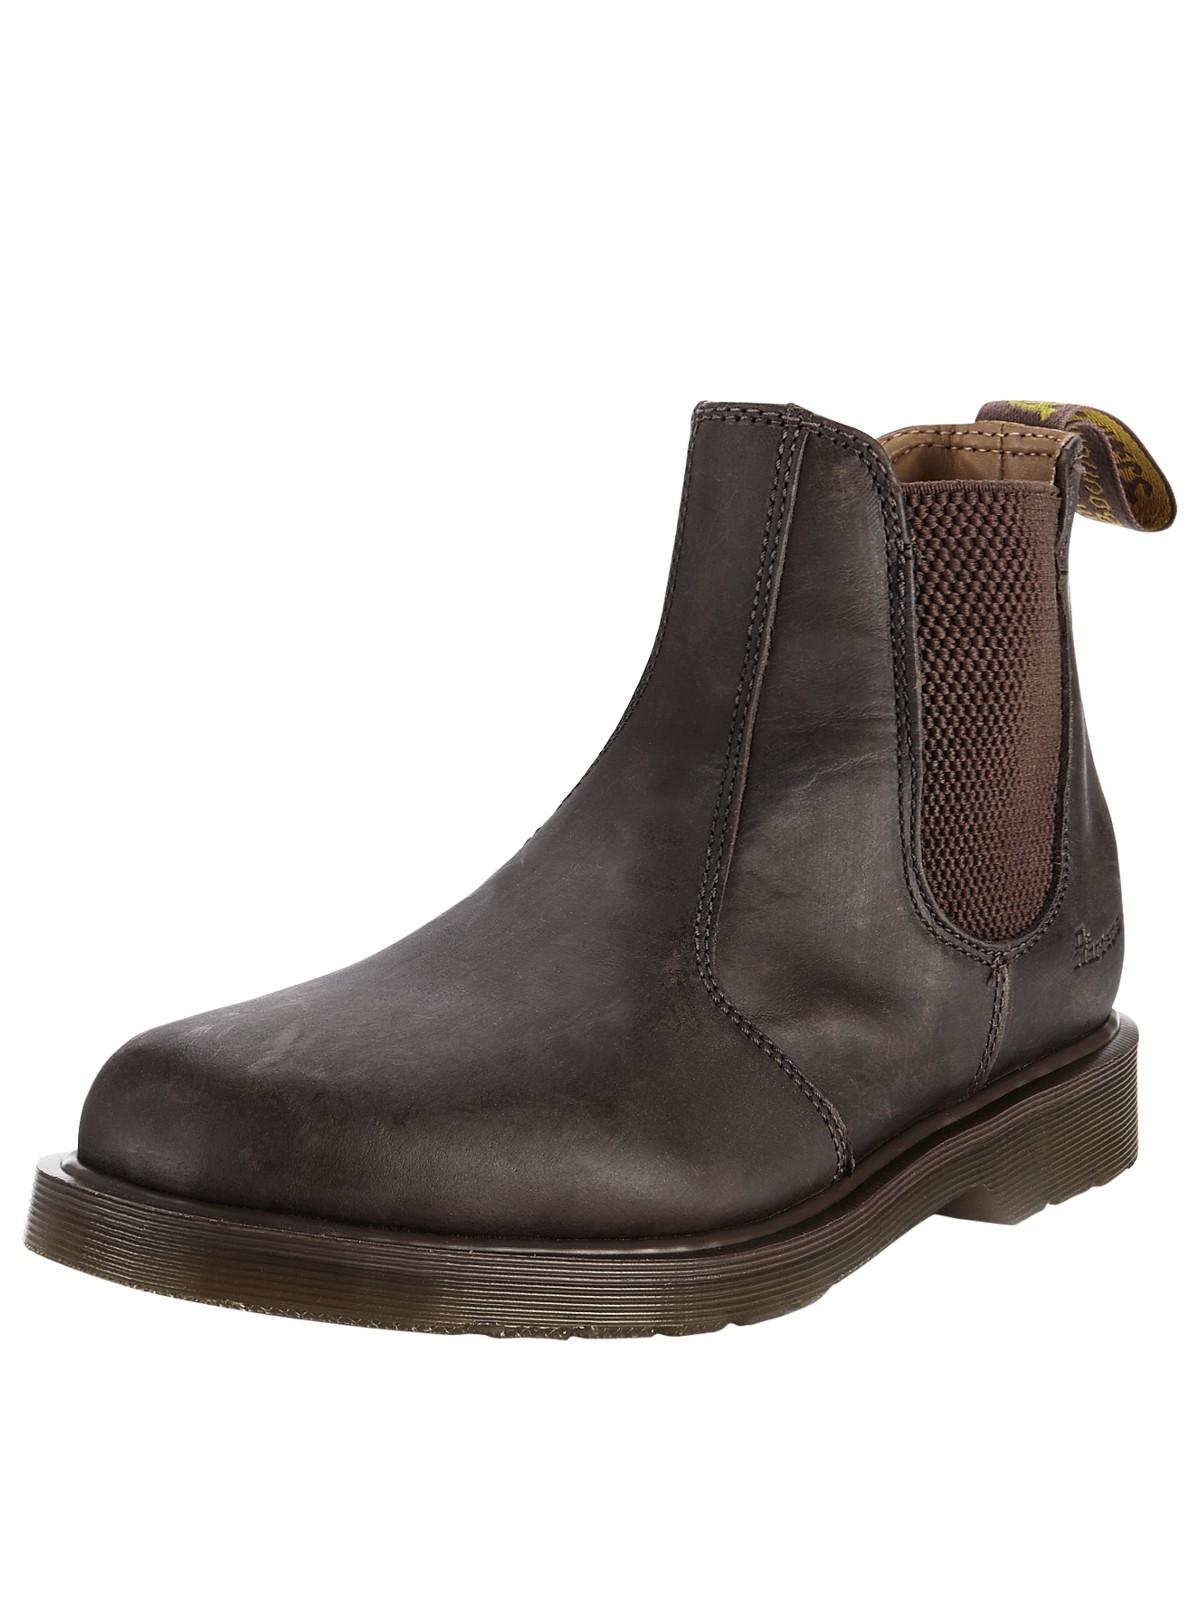 dr martens dr martens chelsea boot crazy horse in brown. Black Bedroom Furniture Sets. Home Design Ideas